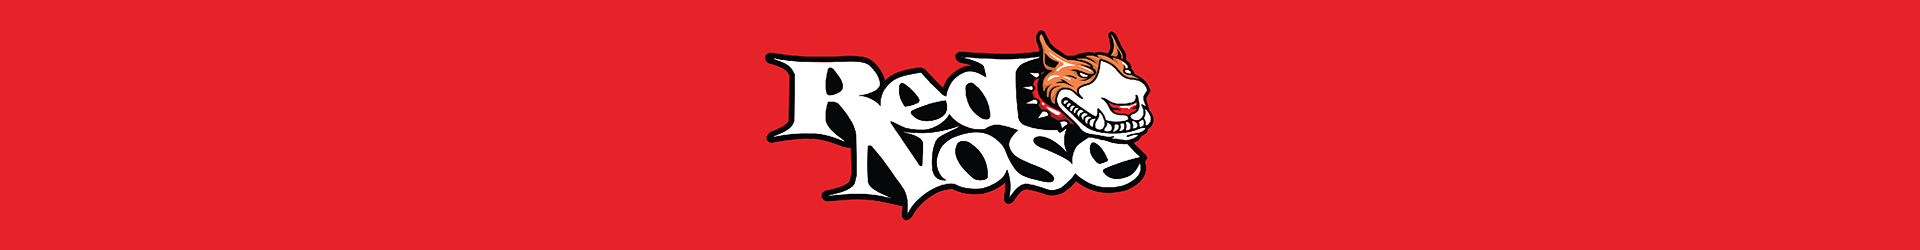 Banner | Red Nose | Desktop